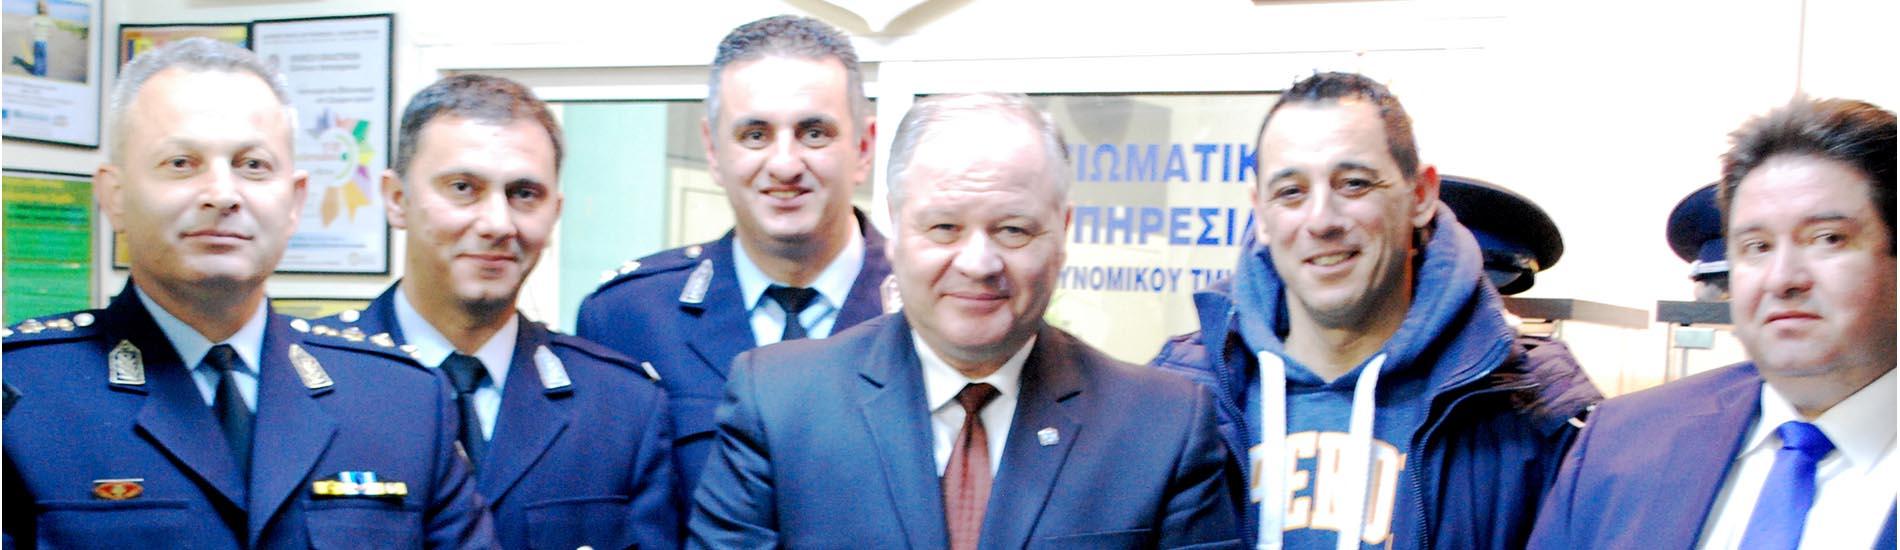 Επίσκεψη του κ. Αρχηγού στο γραφείο της ΙΡΑ Καρδίτσας